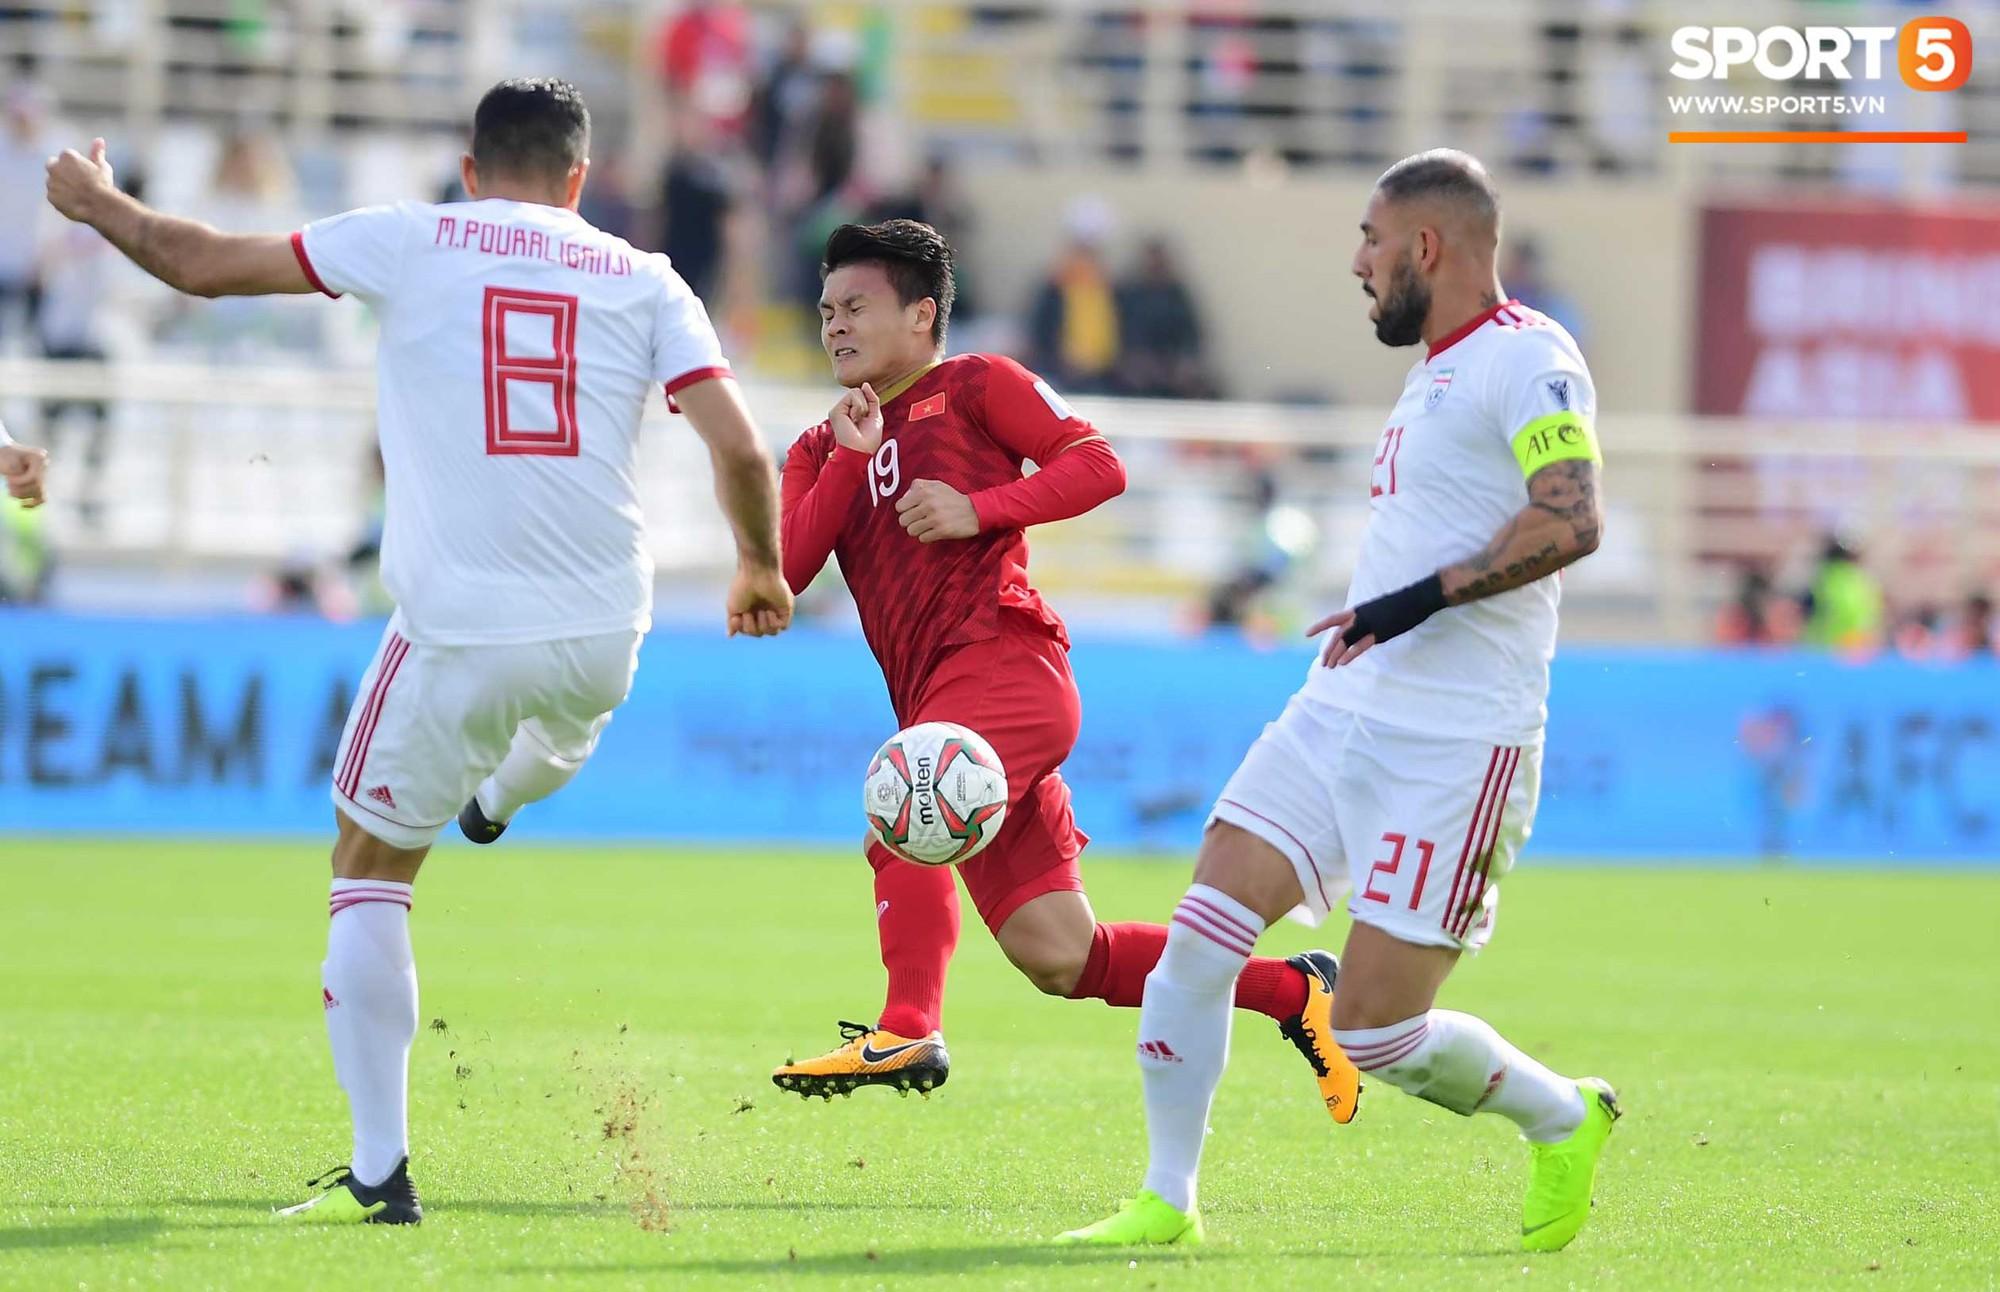 Việt Nam 0-2 Iran: Cửa đi tiếp chưa hoàn toàn đóng sập với thầy trò Park Hang-seo - Ảnh 2.